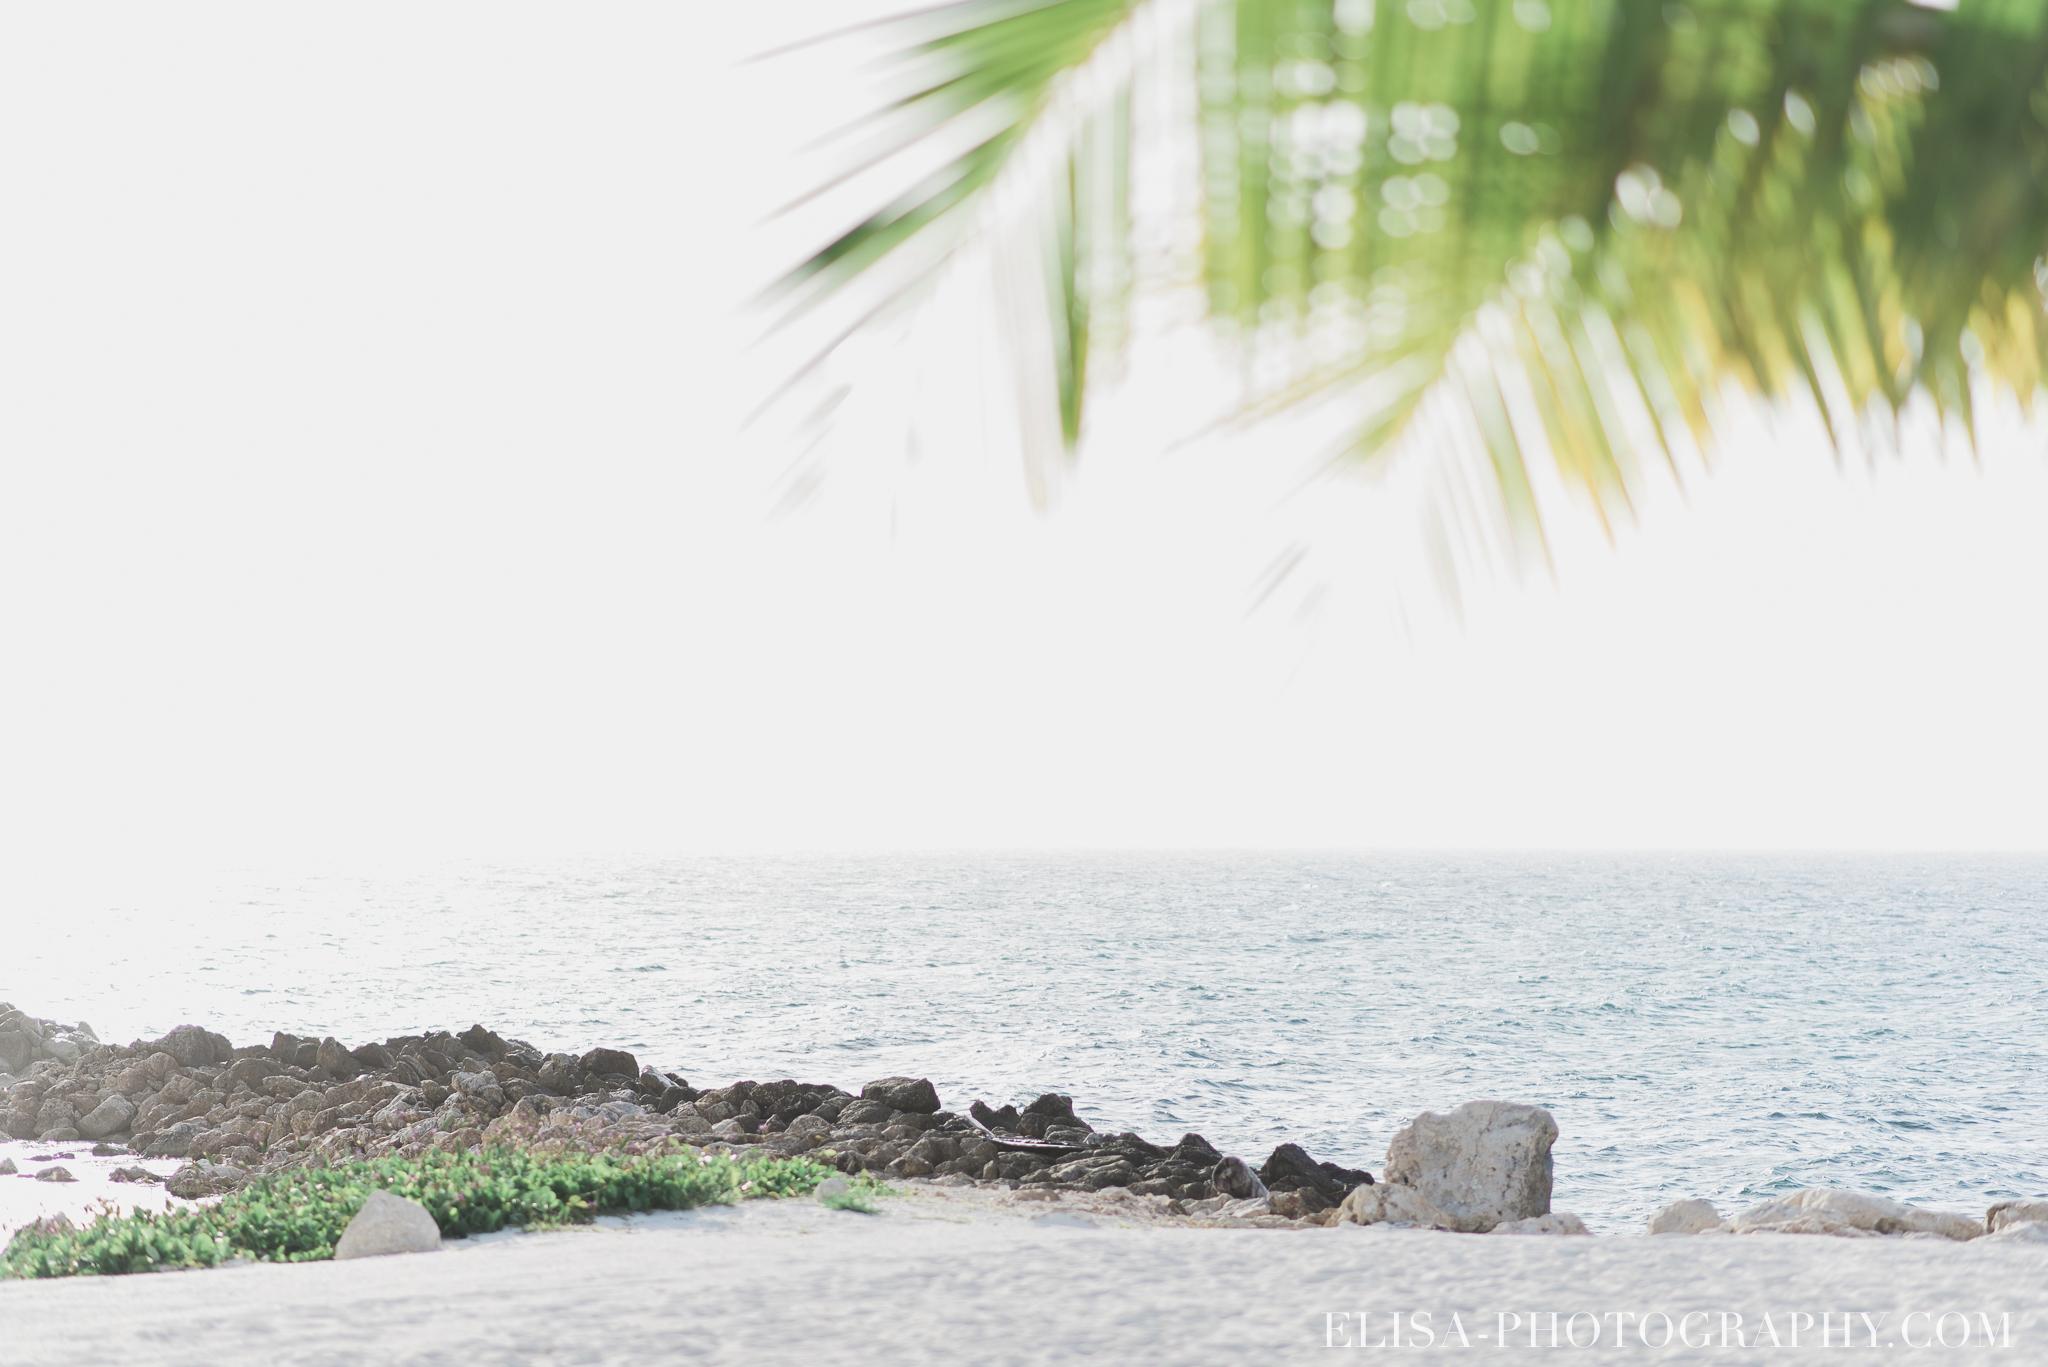 mariage de rêve à destination portrait des mariés mer des caraïbes grand bahia principe jamaïque photo 5630 - Galerie photos de mariages à destination